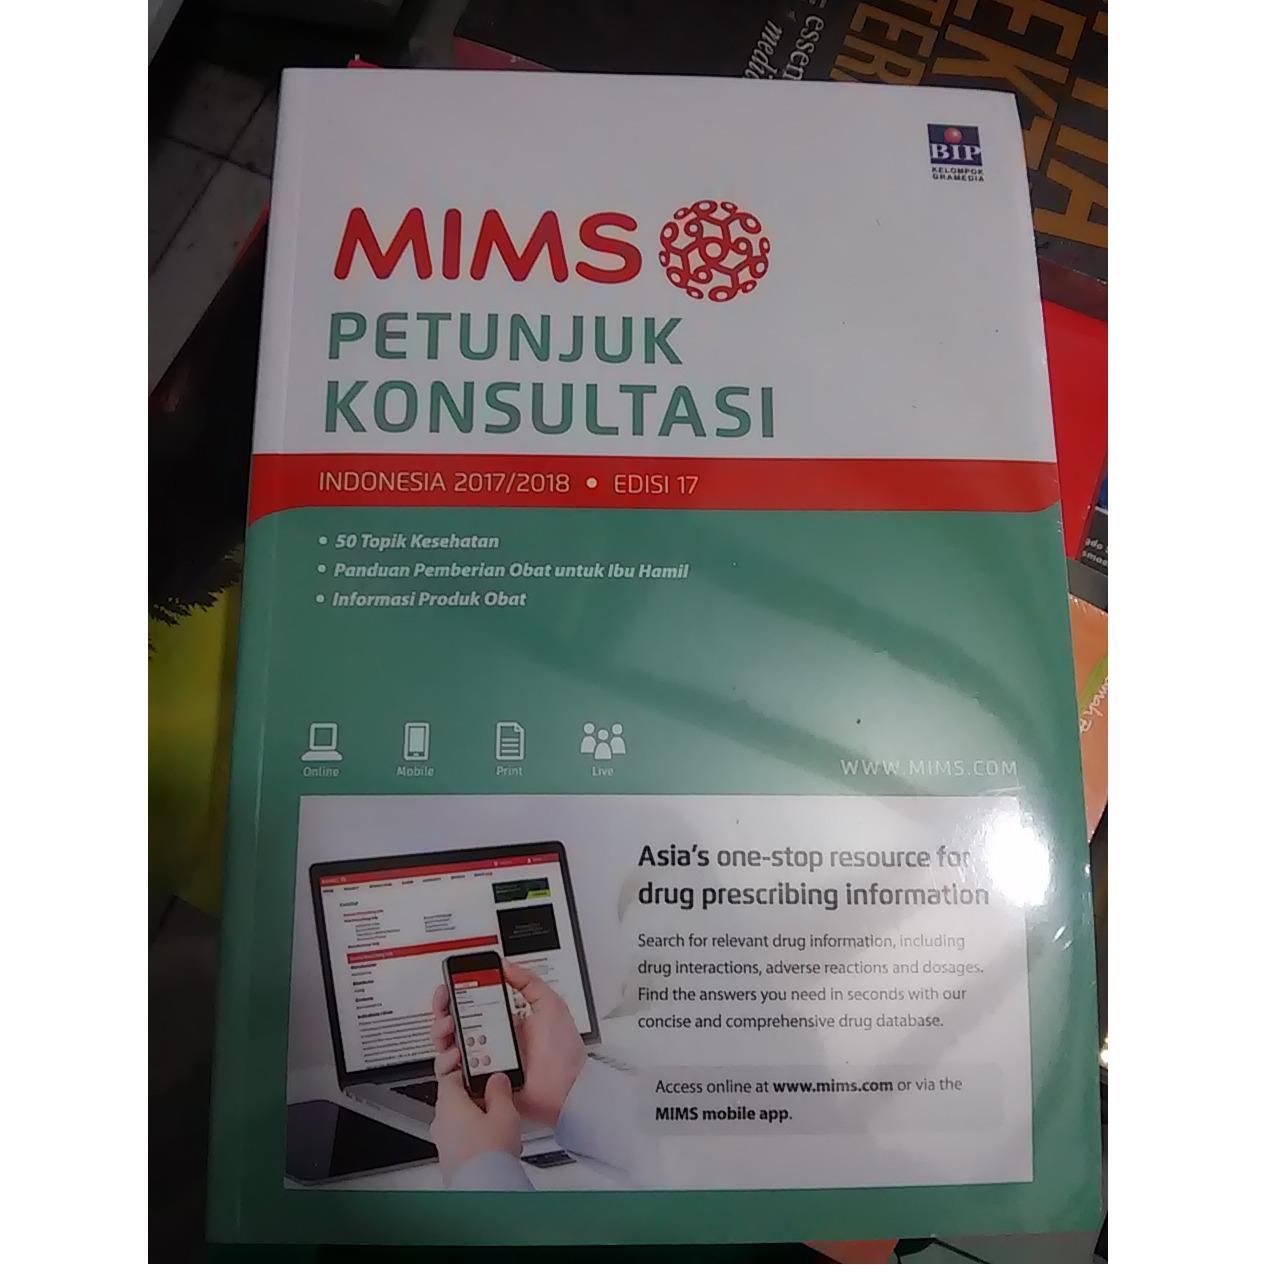 Buku MIMS Petunjuk Konsultasi Edisi 17 Tahun 2017/2018